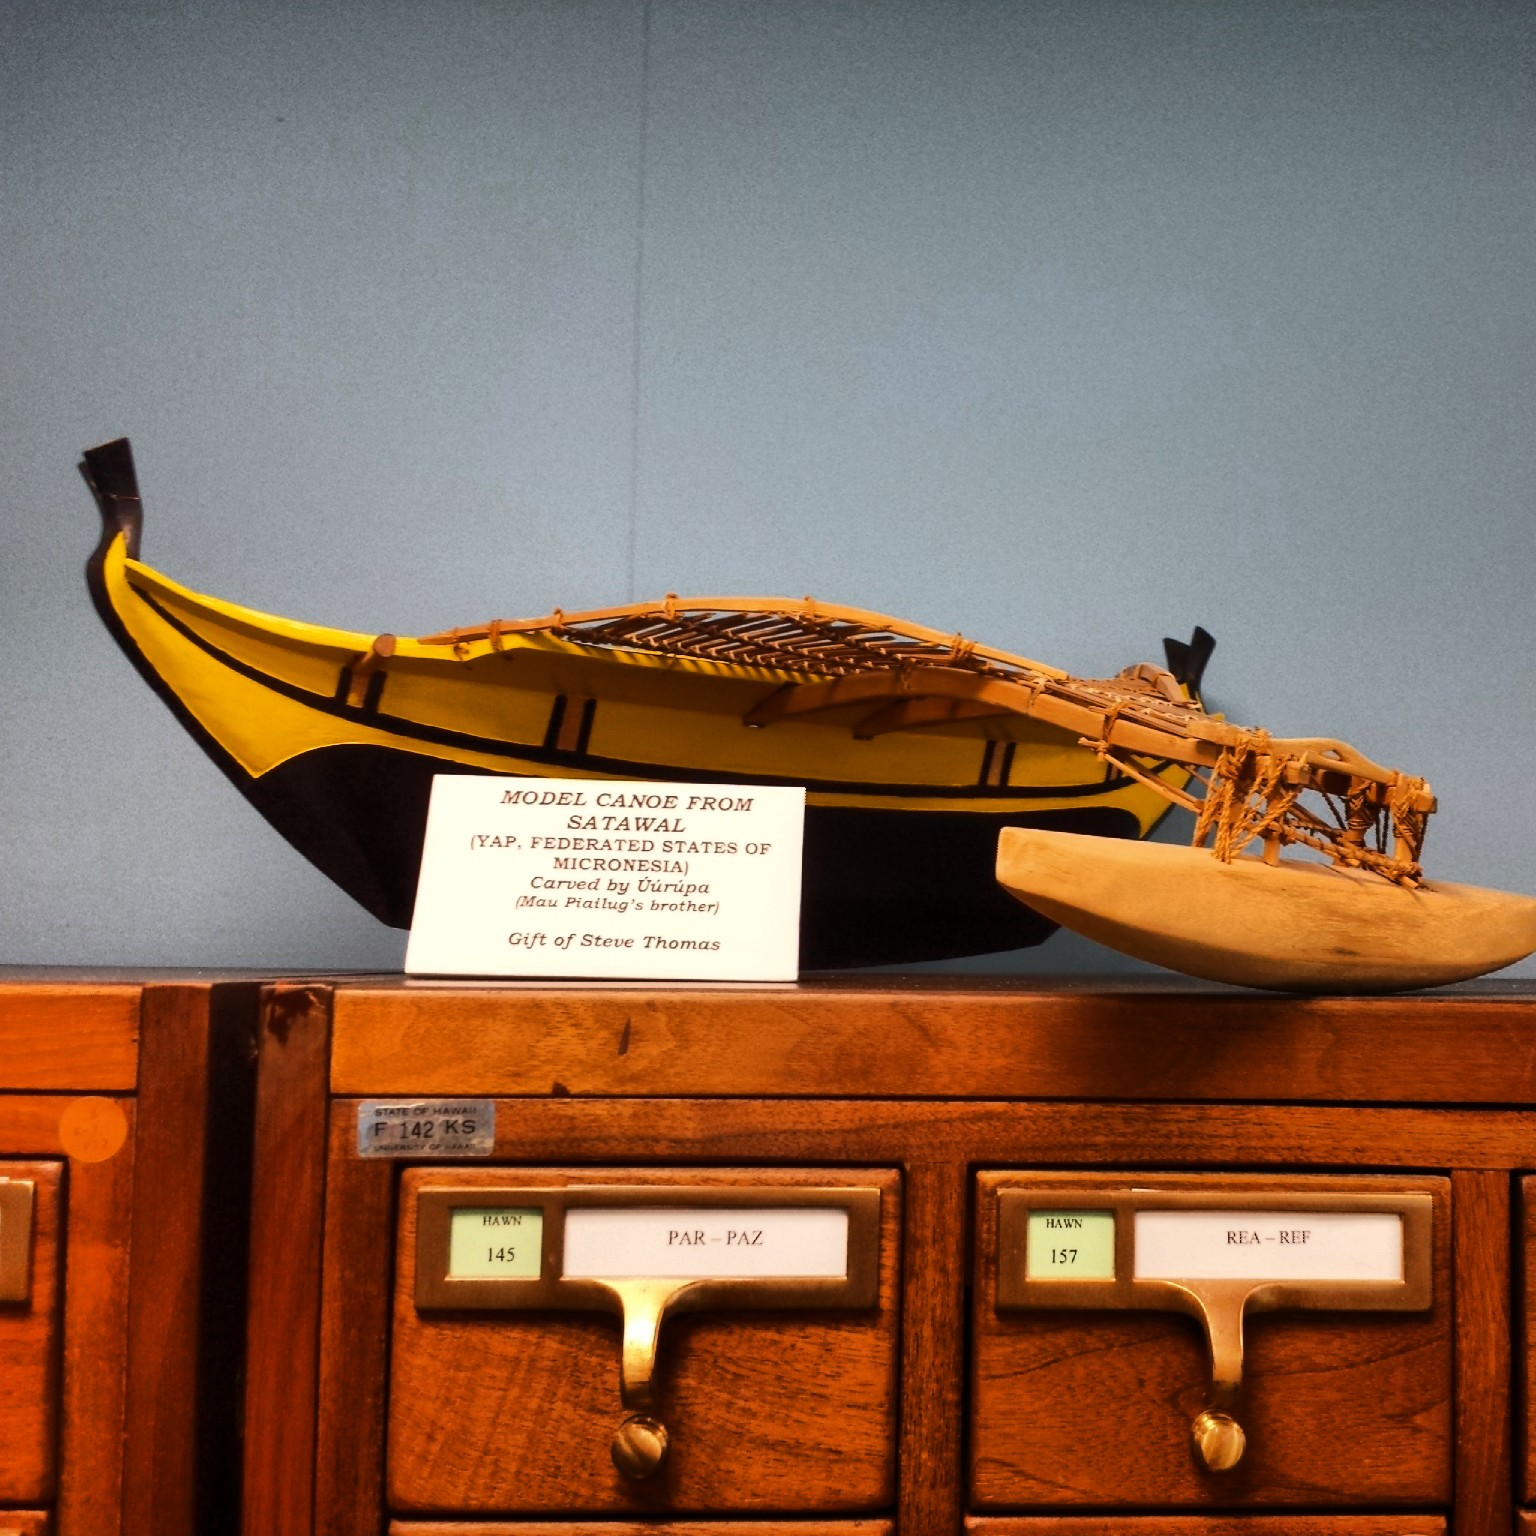 Model canoe from Satawal